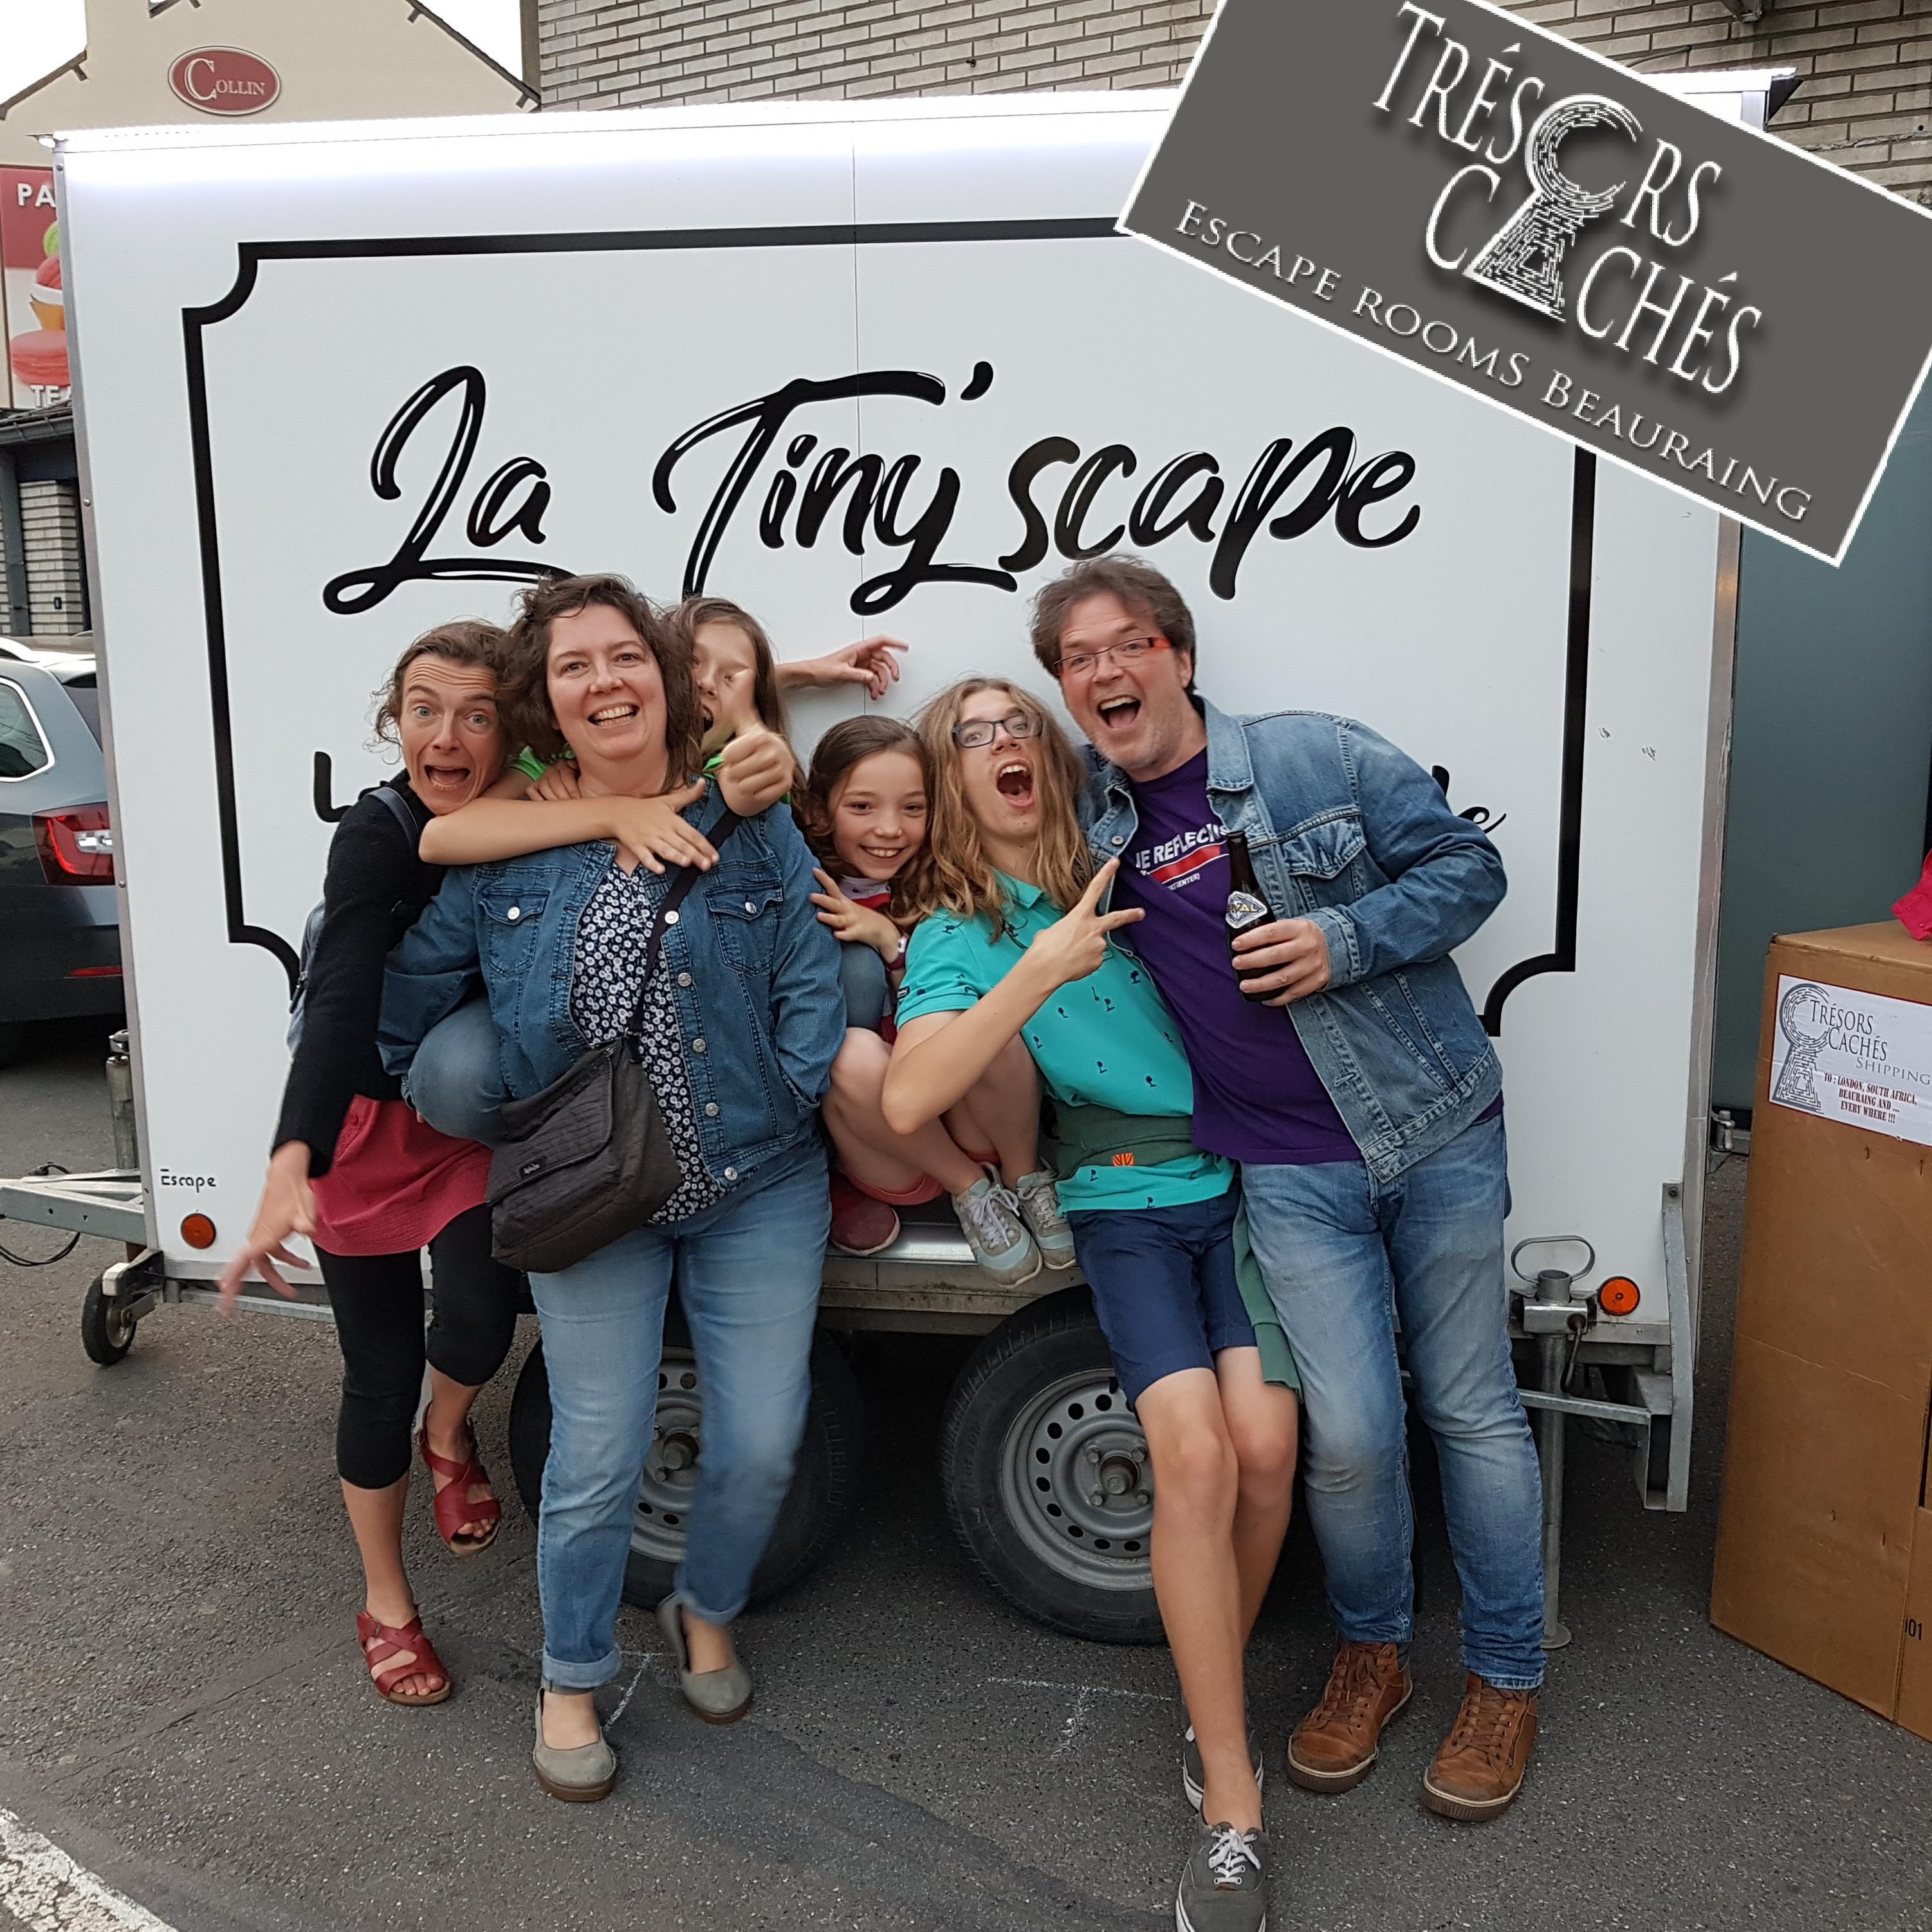 Trésors Cachés Escape Room Beauraing 23